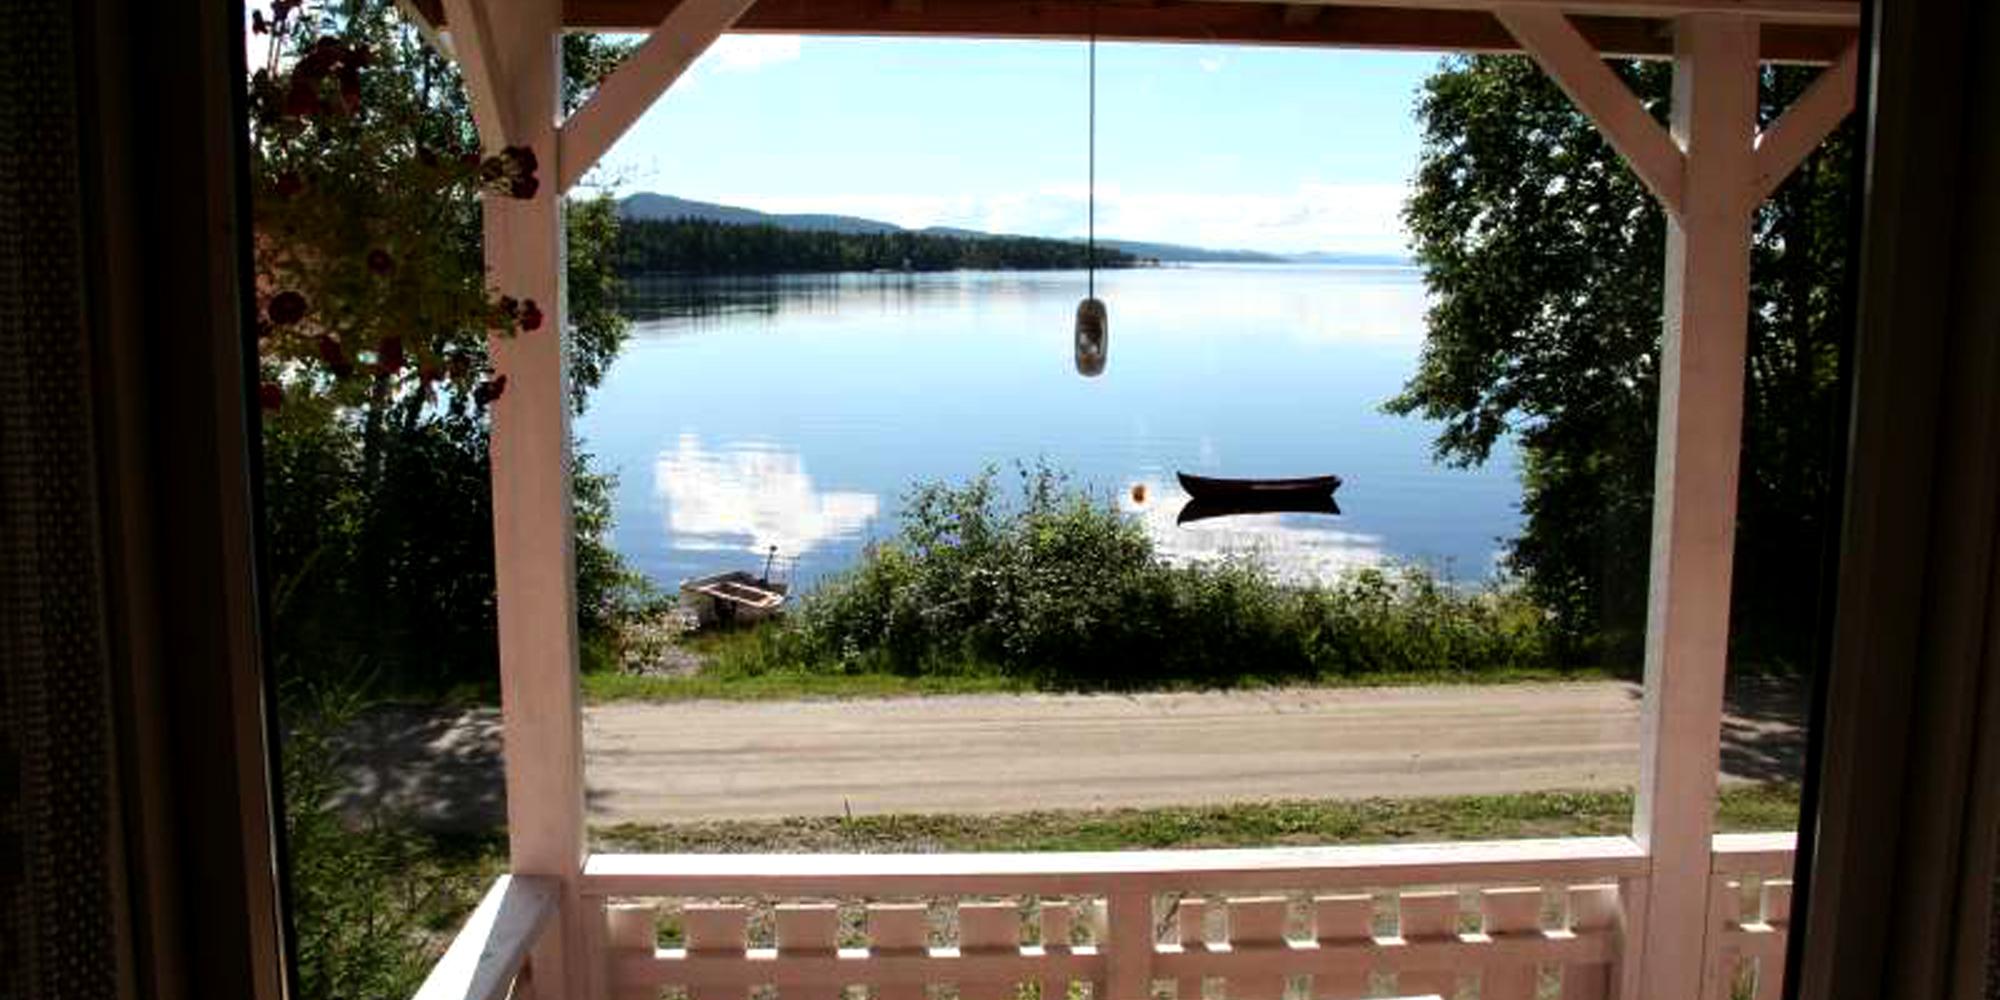 Oldernæs Strandcamp in Snåsa